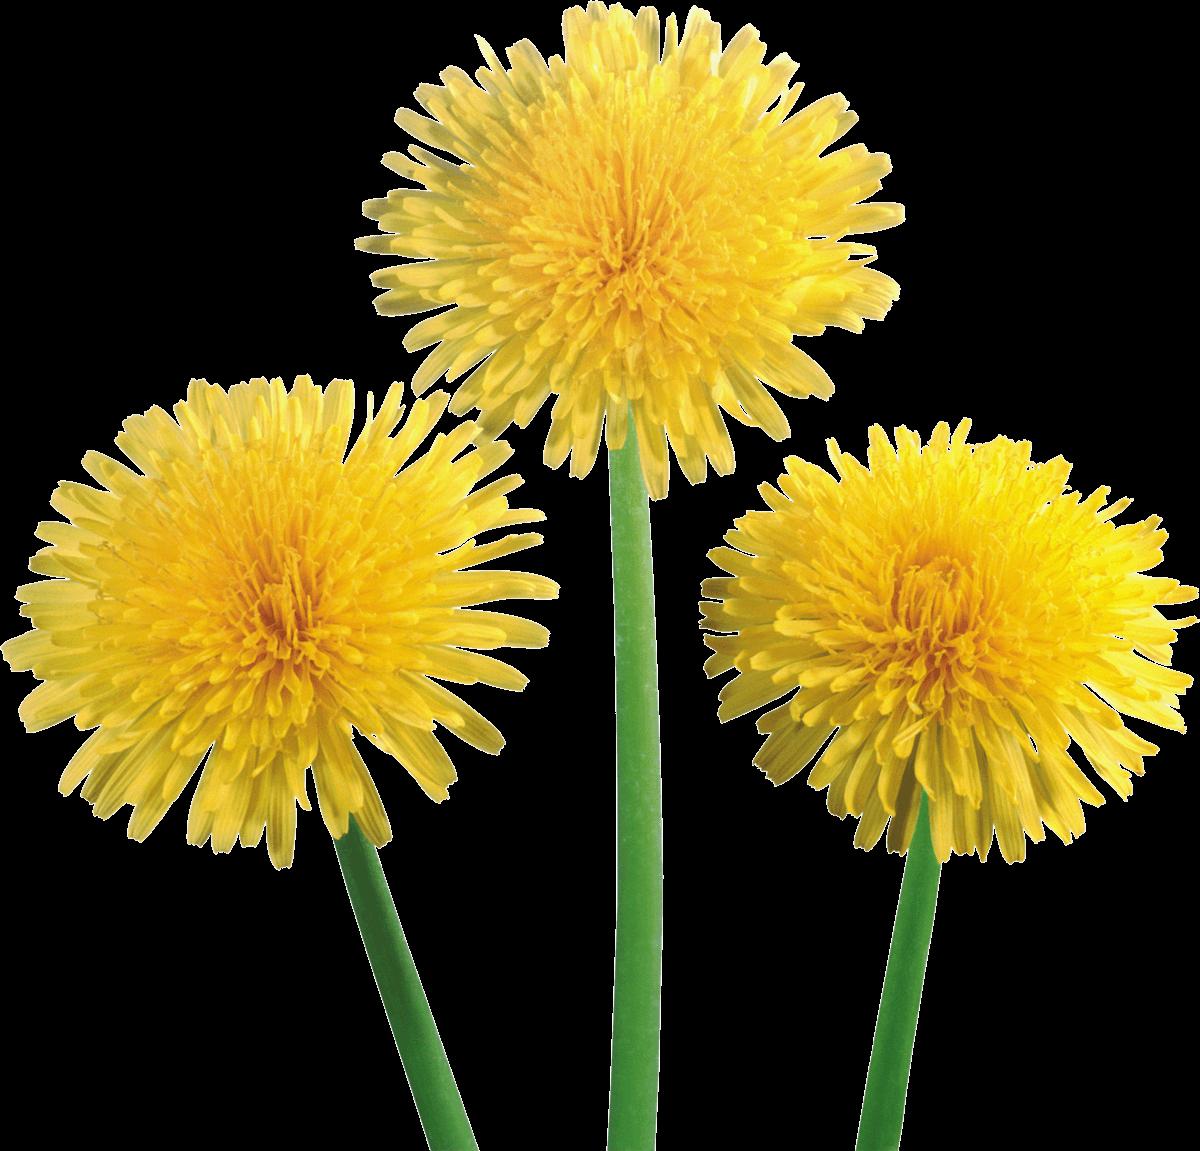 Dandelion flower clipart svg royalty free library Dandelion Trio transparent PNG - StickPNG svg royalty free library